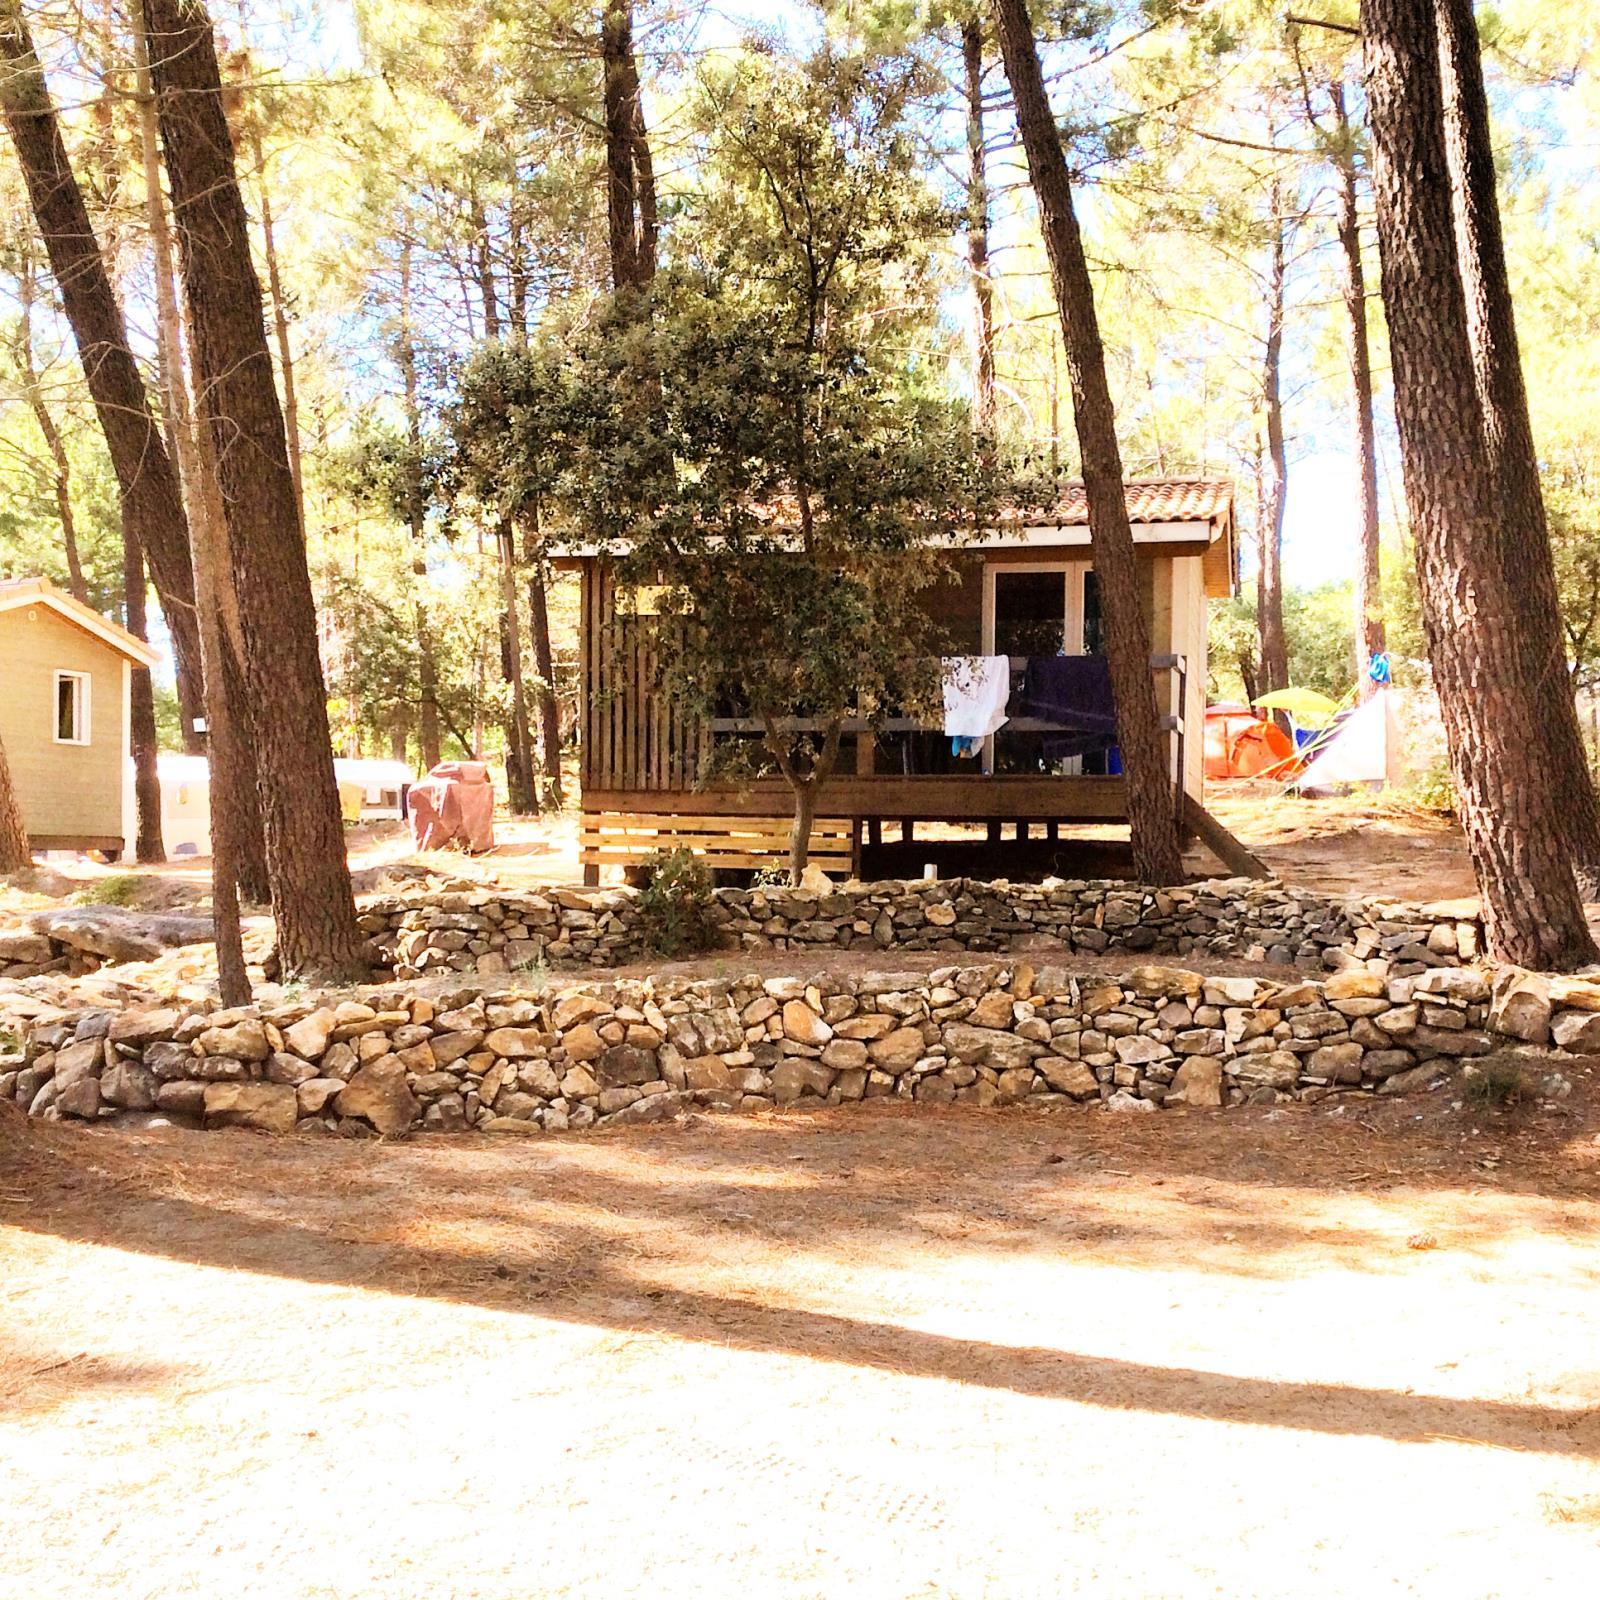 Location - Chalet Bruyere - 2 Chambres  (2 Adultes Maximum Et 4 Enfants) - Camping La Simioune